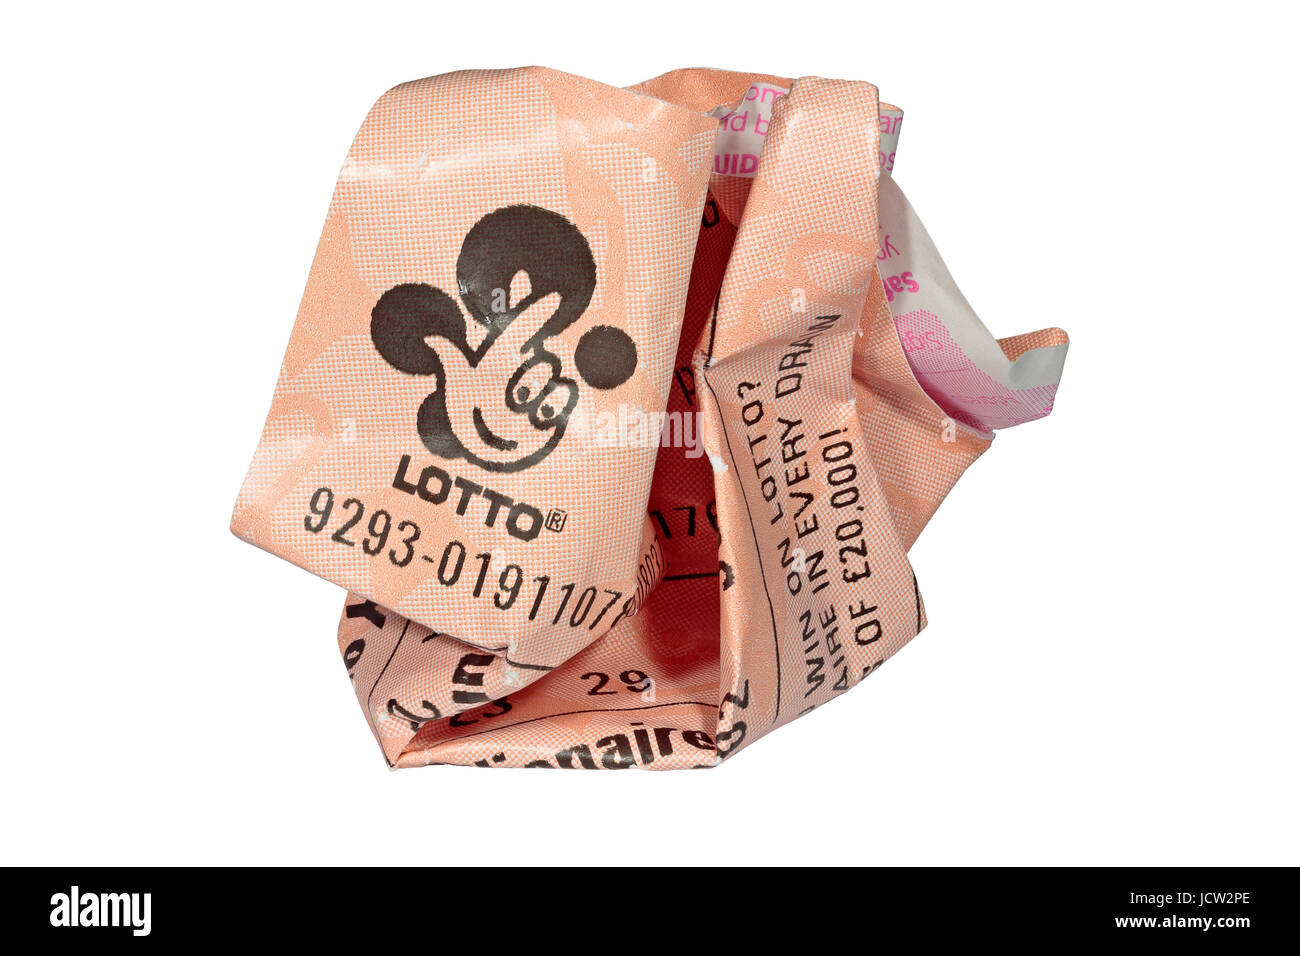 Crumpled un biglietto della lotteria - a avvitata fino a £ 2 perdere la lotteria nazionale / Lotto ticket  Immagini Stock